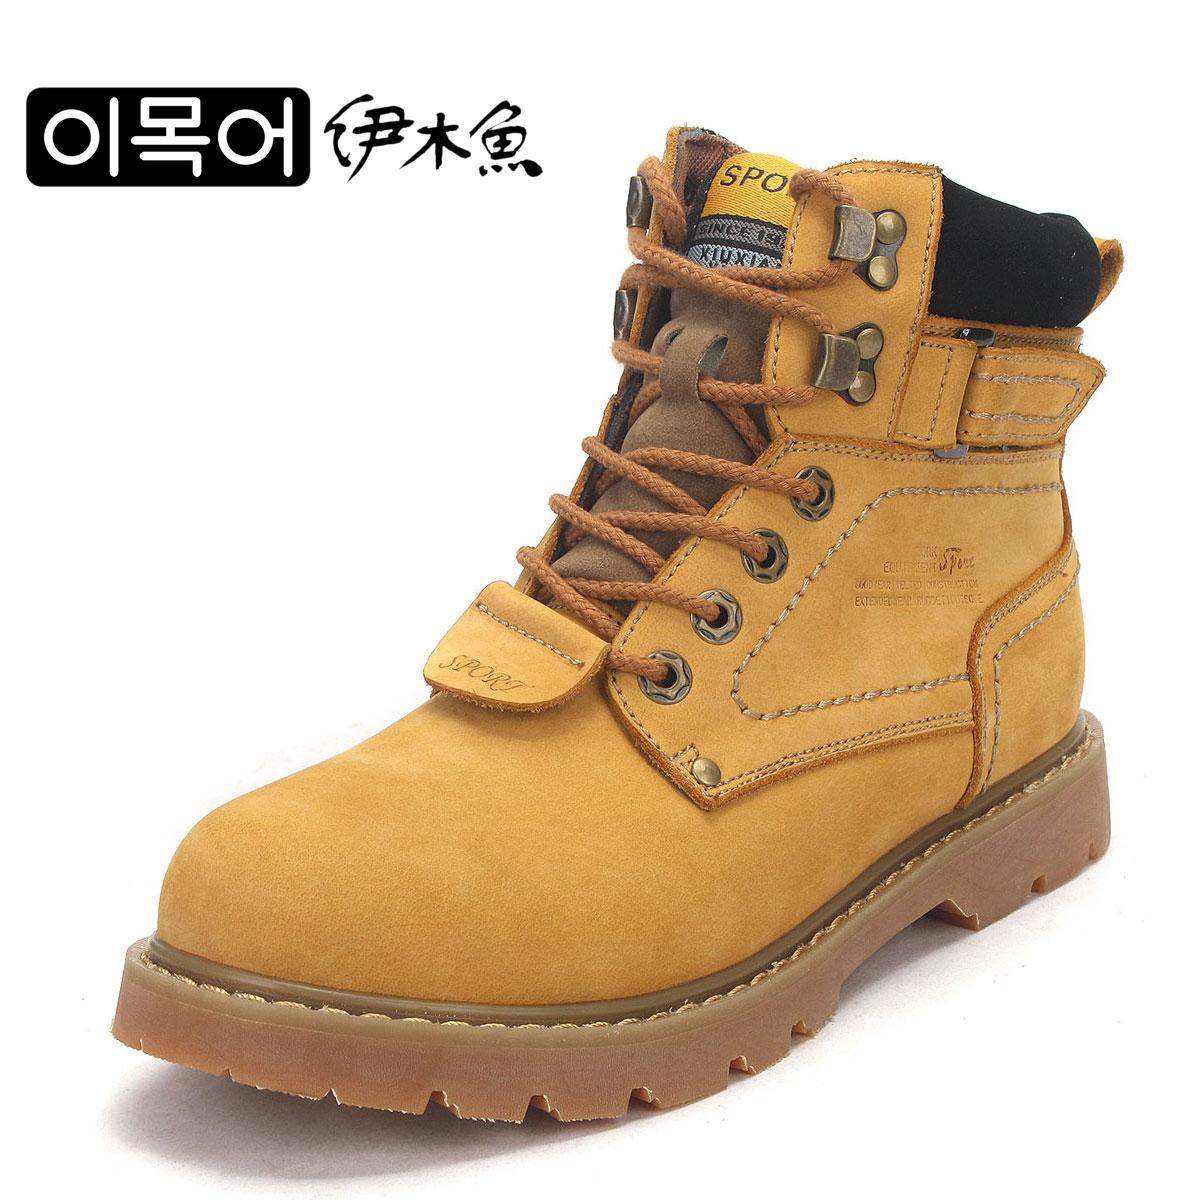 Цвет: 068 Золотой (2 м), чем спортивная обувь